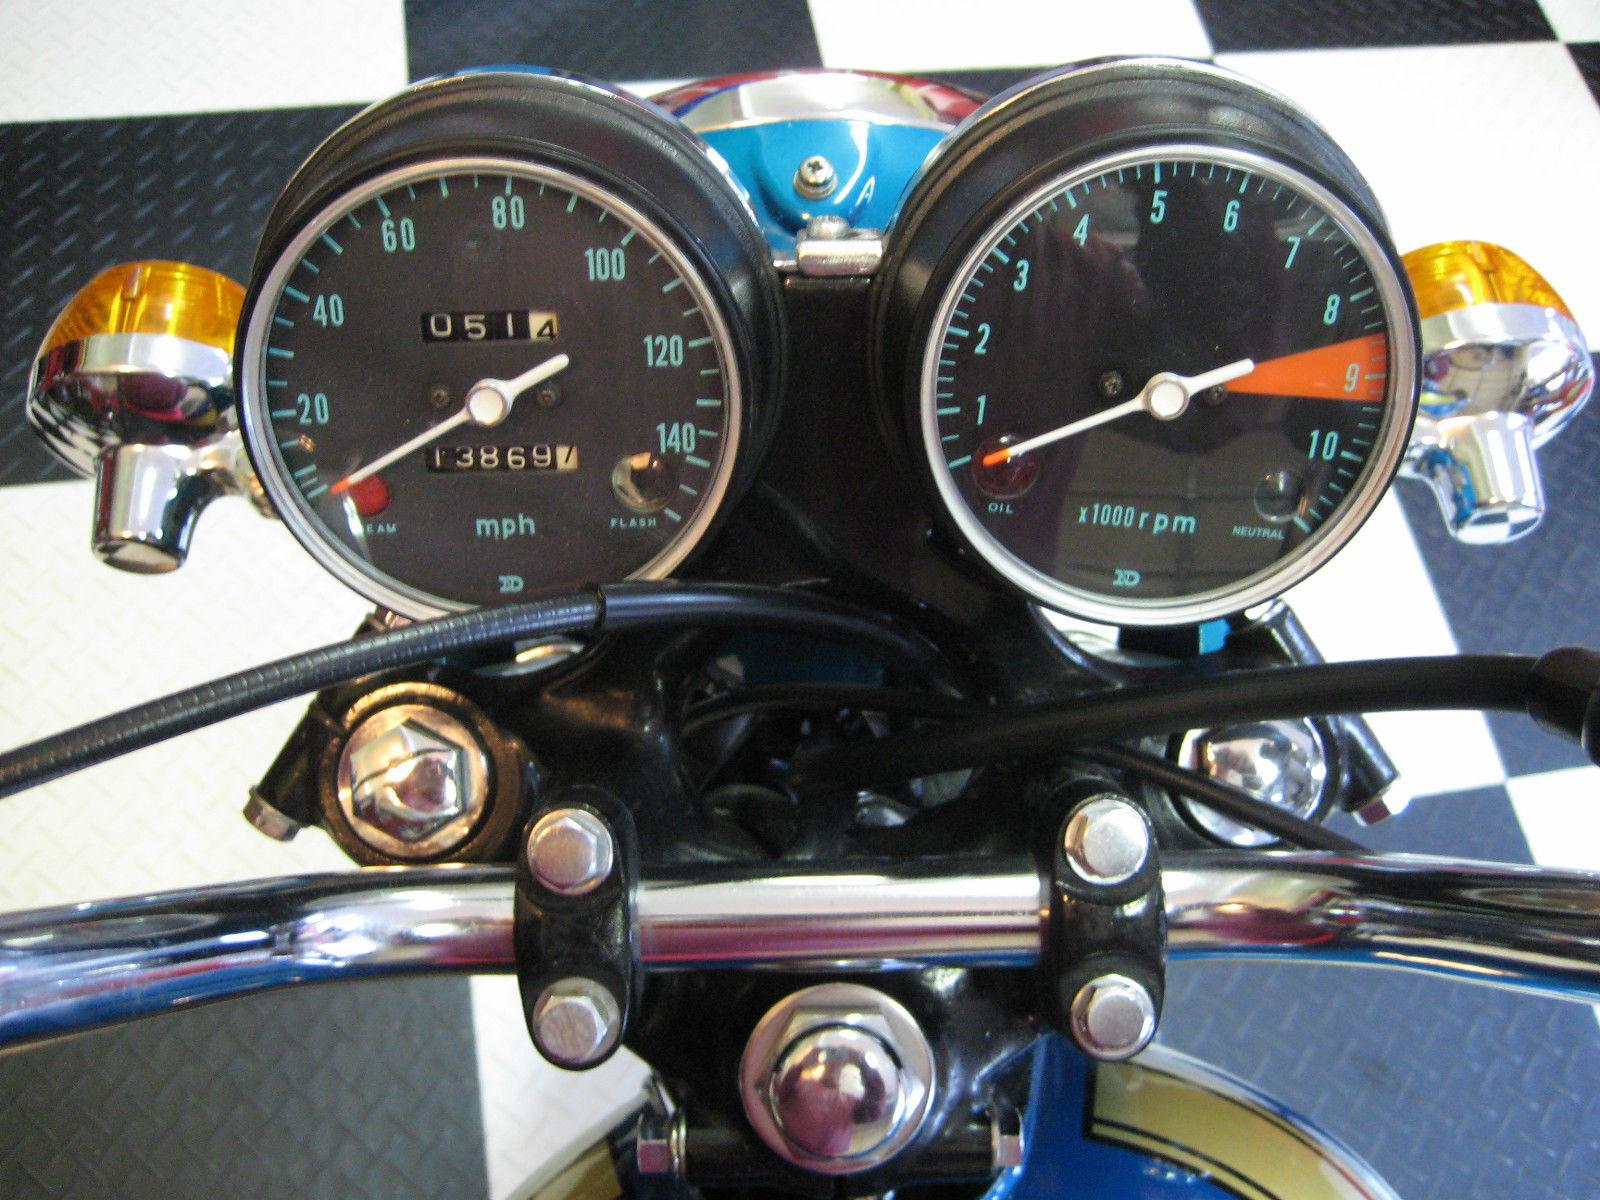 Honda CB750 K0 - 1970 - Clocks, Speedo and Tacho, Handlebars and Cables.